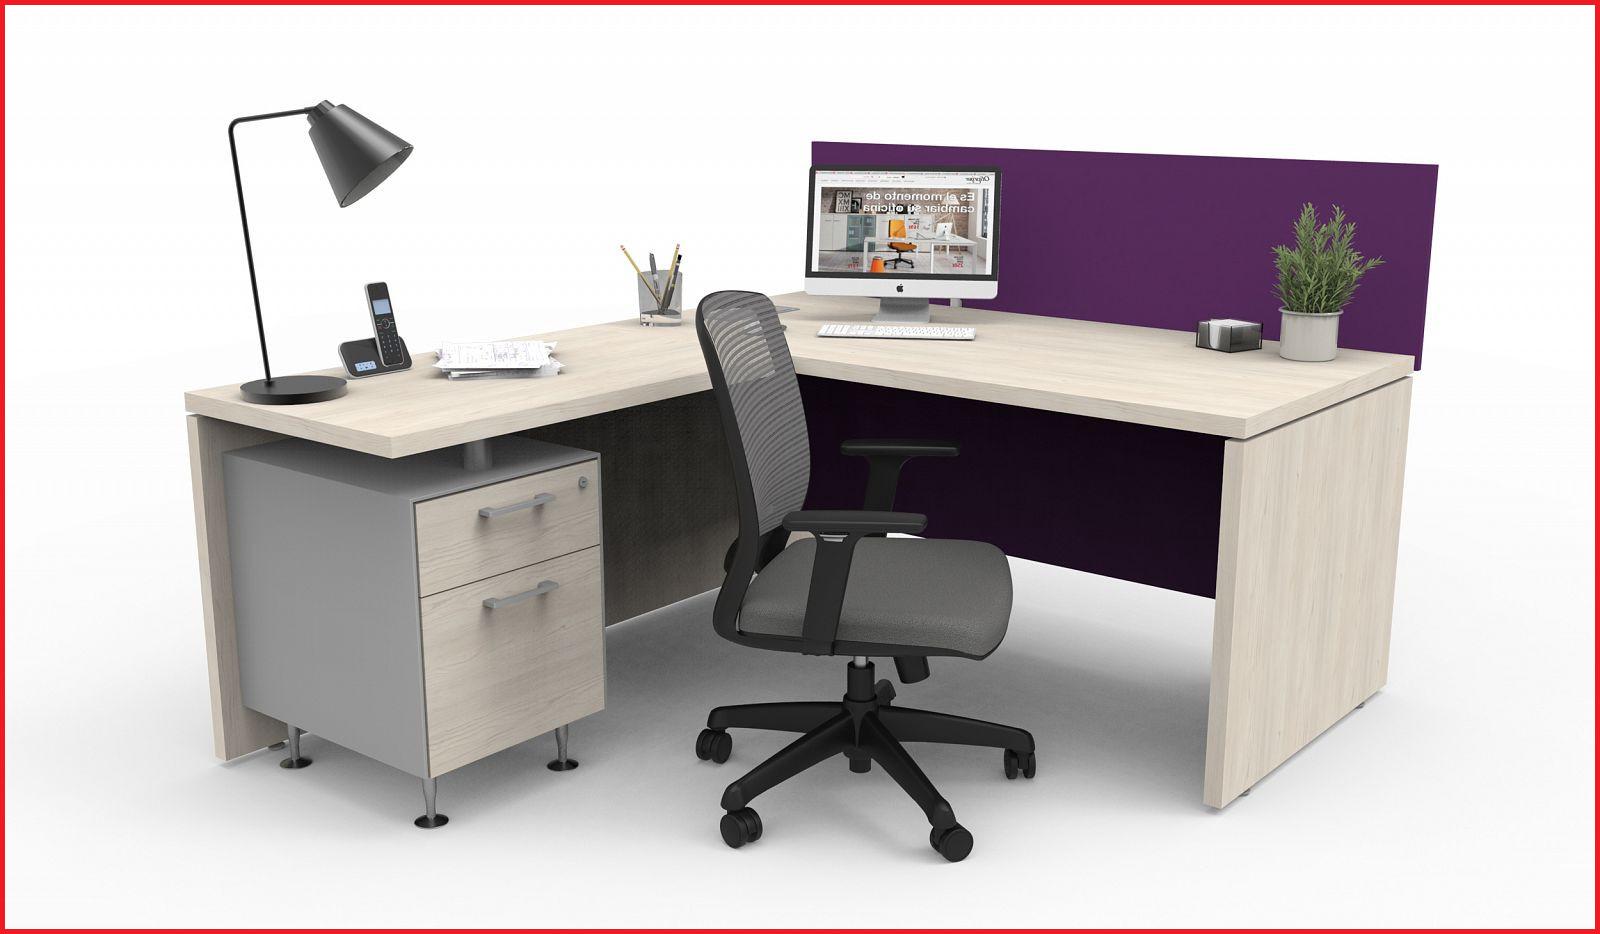 Mesas De Despacho Baratas Tqd3 Mesas De Despacho Baratas Mesas Oficina Estudio Y Despacho De